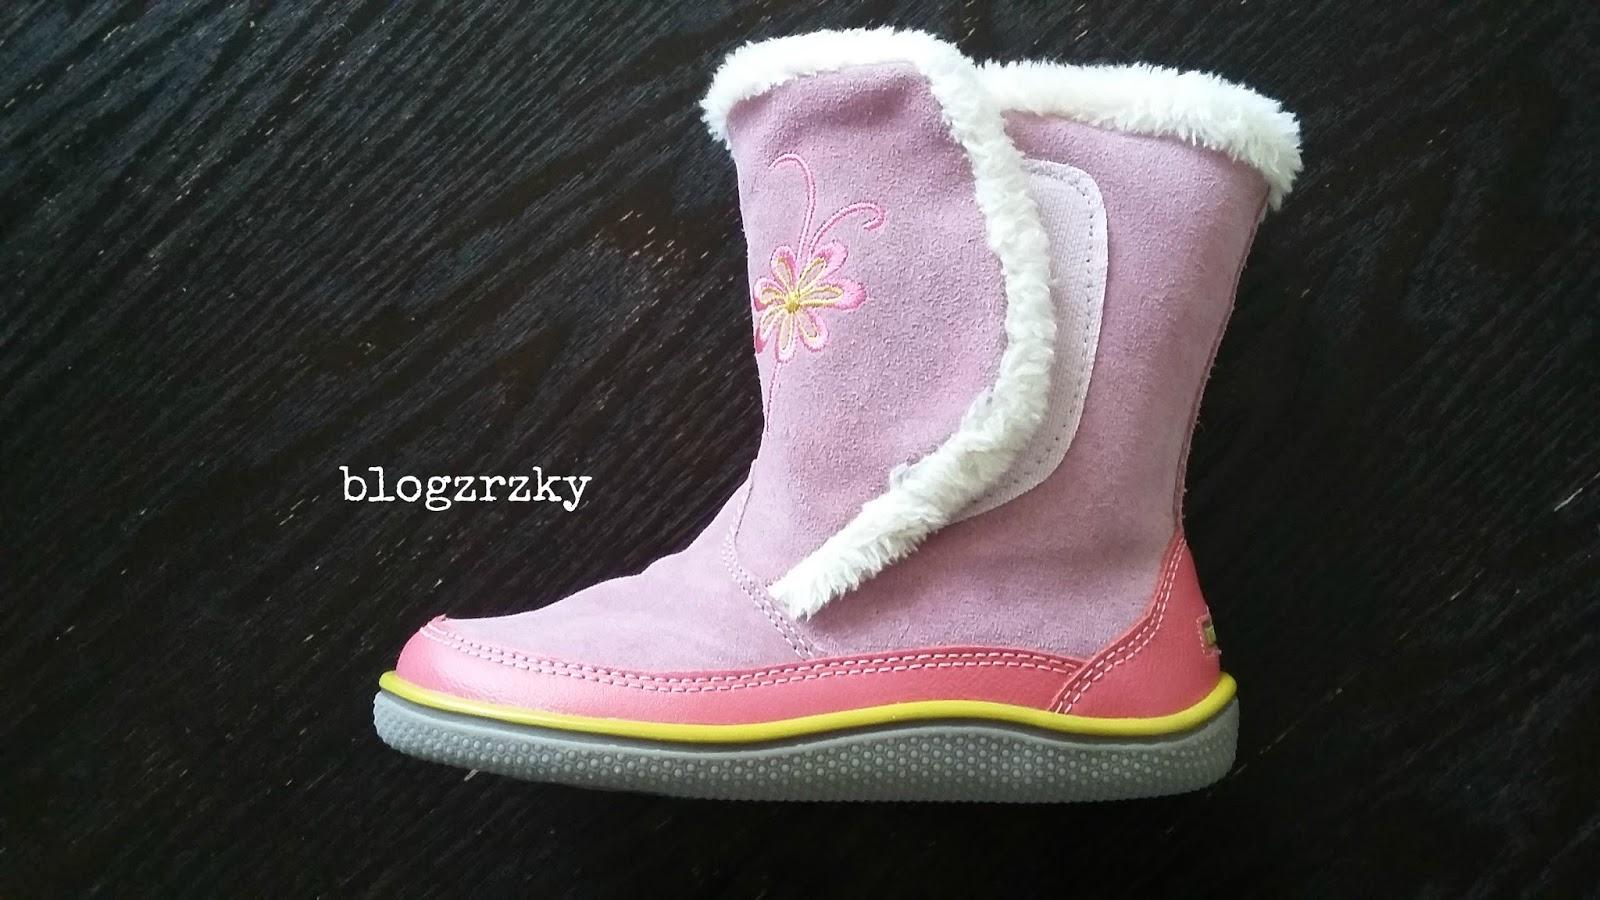 Zimní barefoot boty na širokou nohu KidOFit Viviane Violet - Blogerky.cz ce0a557270